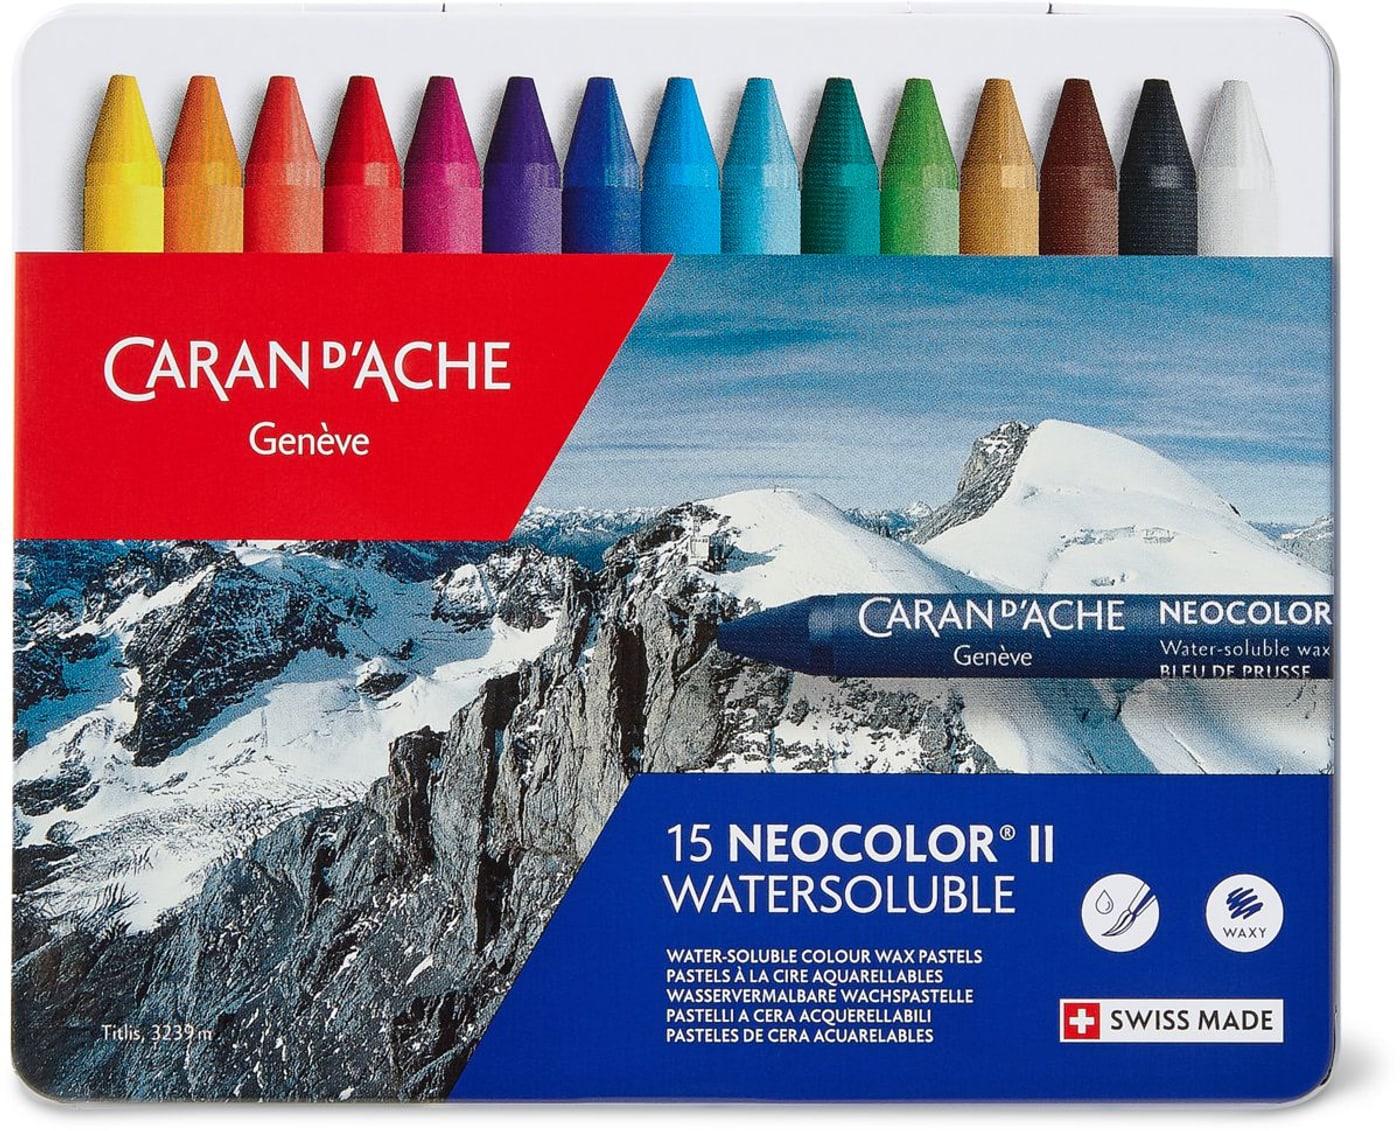 taille 40 826bd cad46 Caran d' Ache Caran D'Ache Classic Neocolor